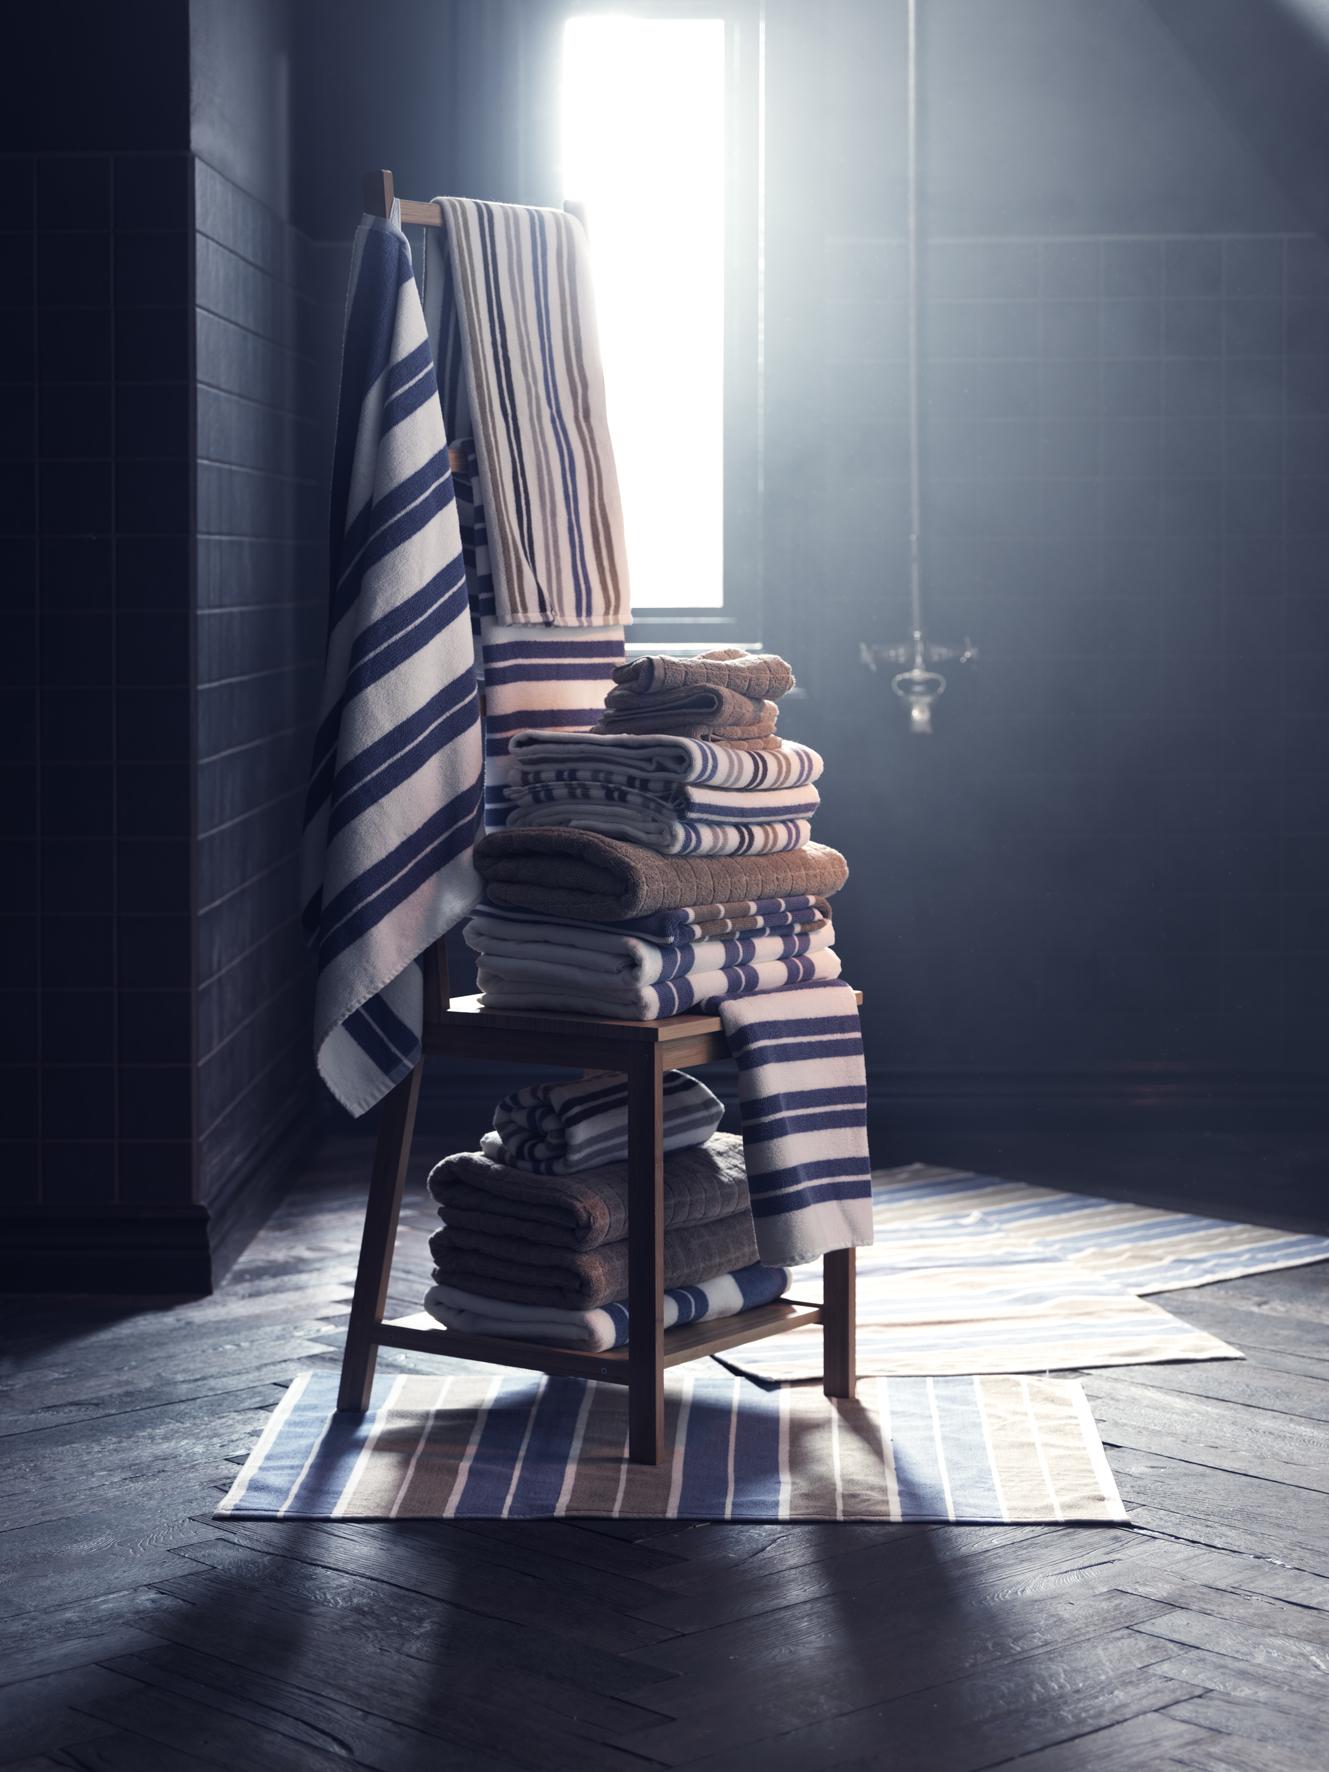 Heerlijk warme badhanddoeken van Ikea